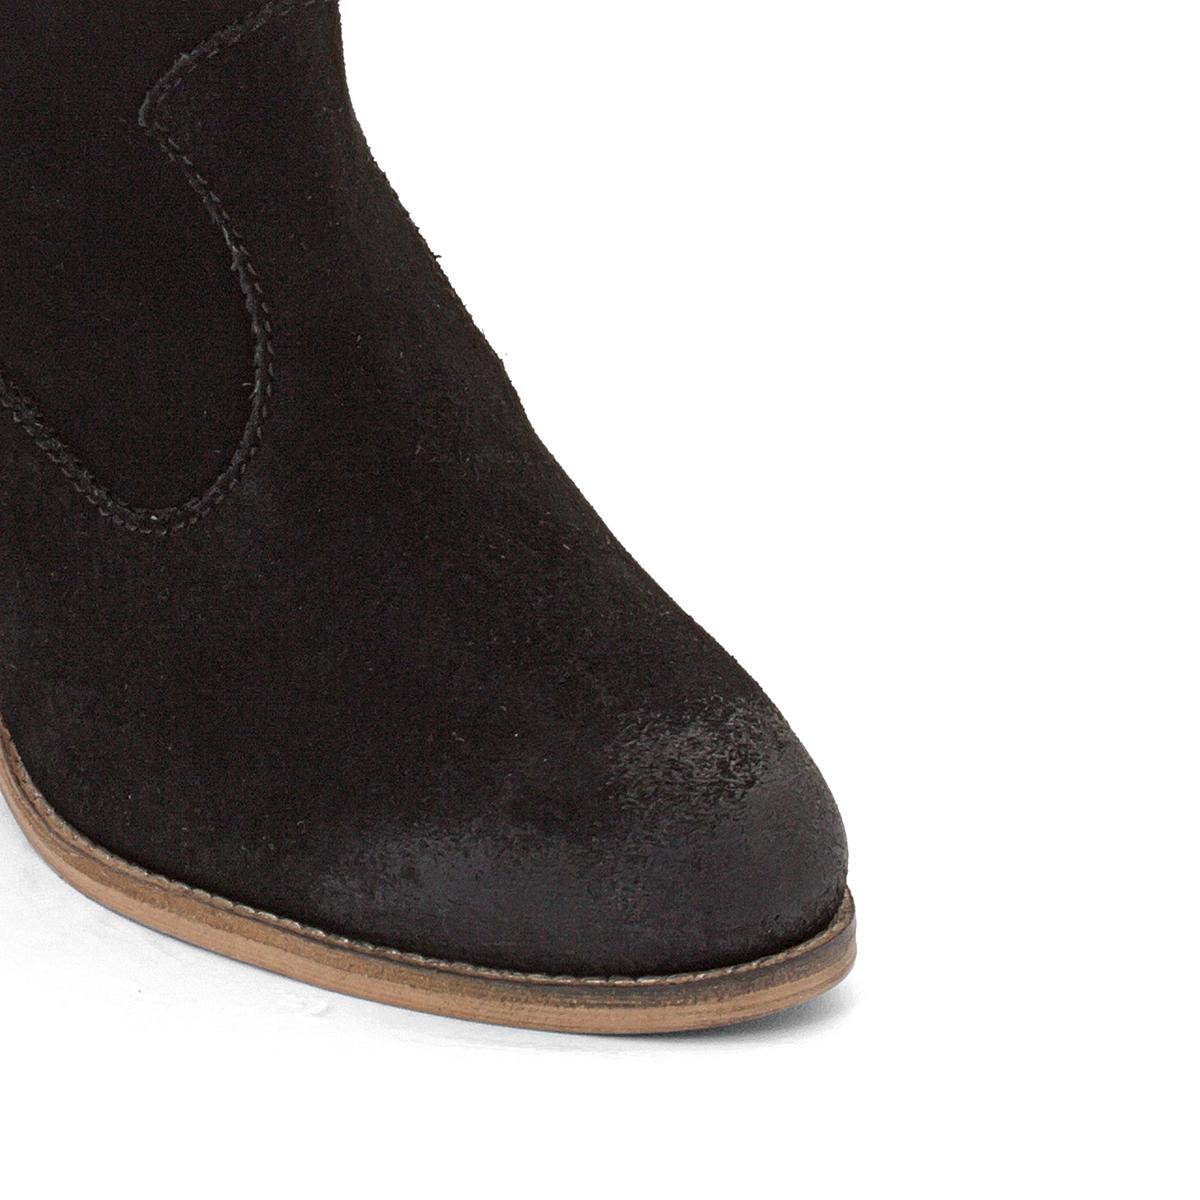 Ботинки кожаные Bake TosselПодкладка : Синтетический материал Стелька : Велюр из телячьей кожи Подошва : Каучук. Высота каблука : 4 см Высота голенища : 12 см Форма каблука : Широкий Мысок : Закругленный Застежка : На молнию<br><br>Цвет: черный<br>Размер: 39.37